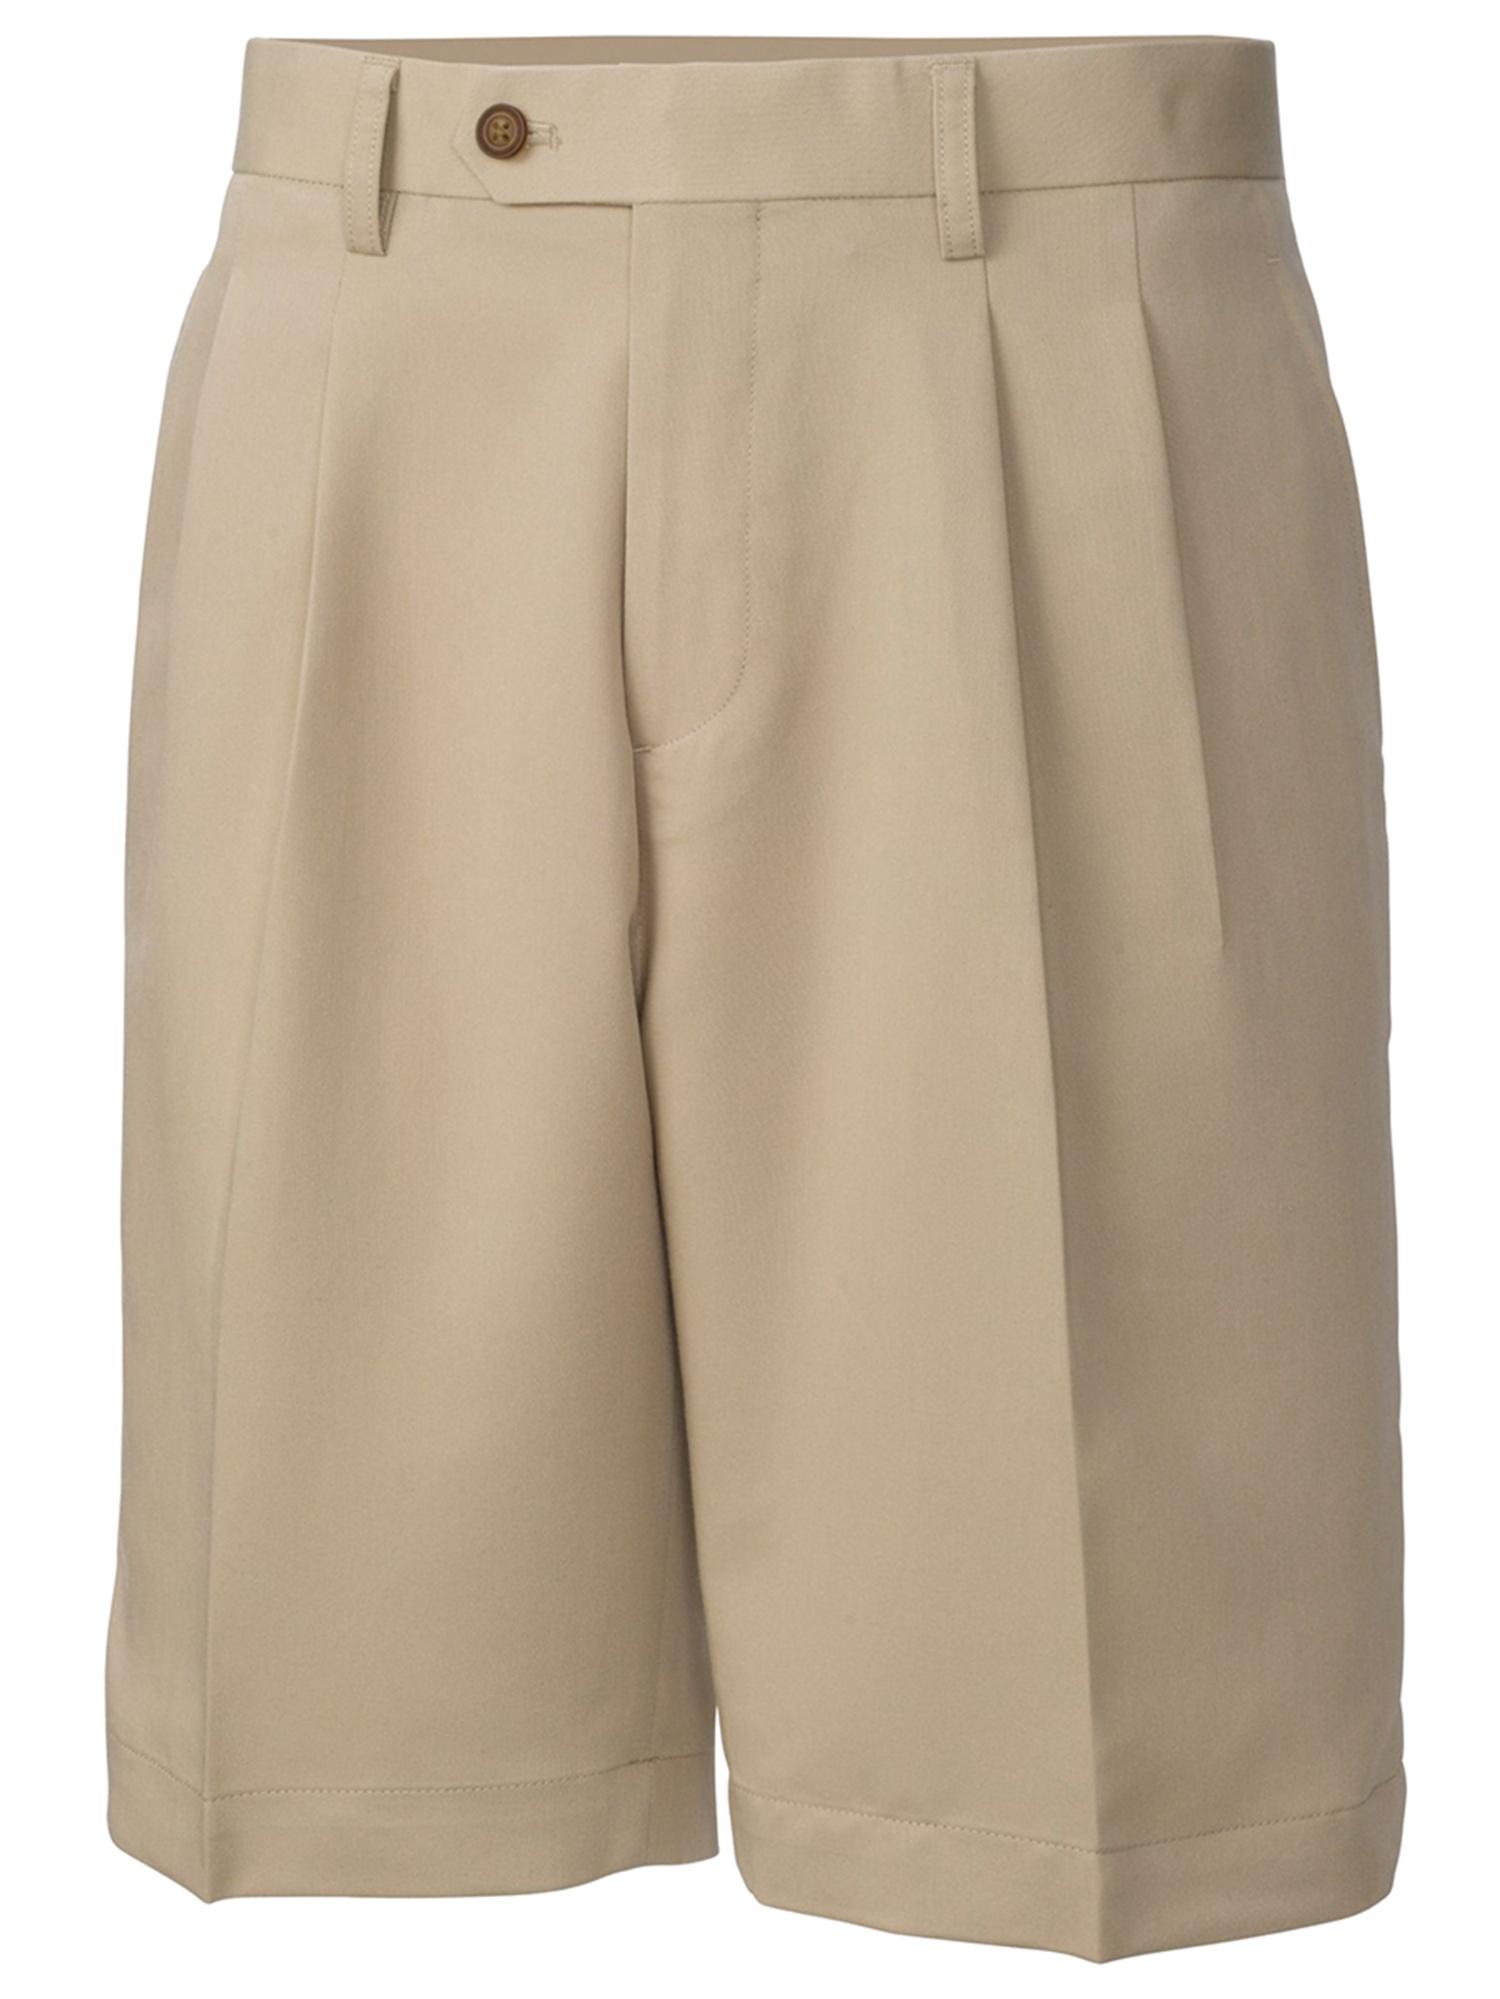 Cutter & Buck Men's Big & Tall Pleated Twill Microfiber Shorts - BCB01826